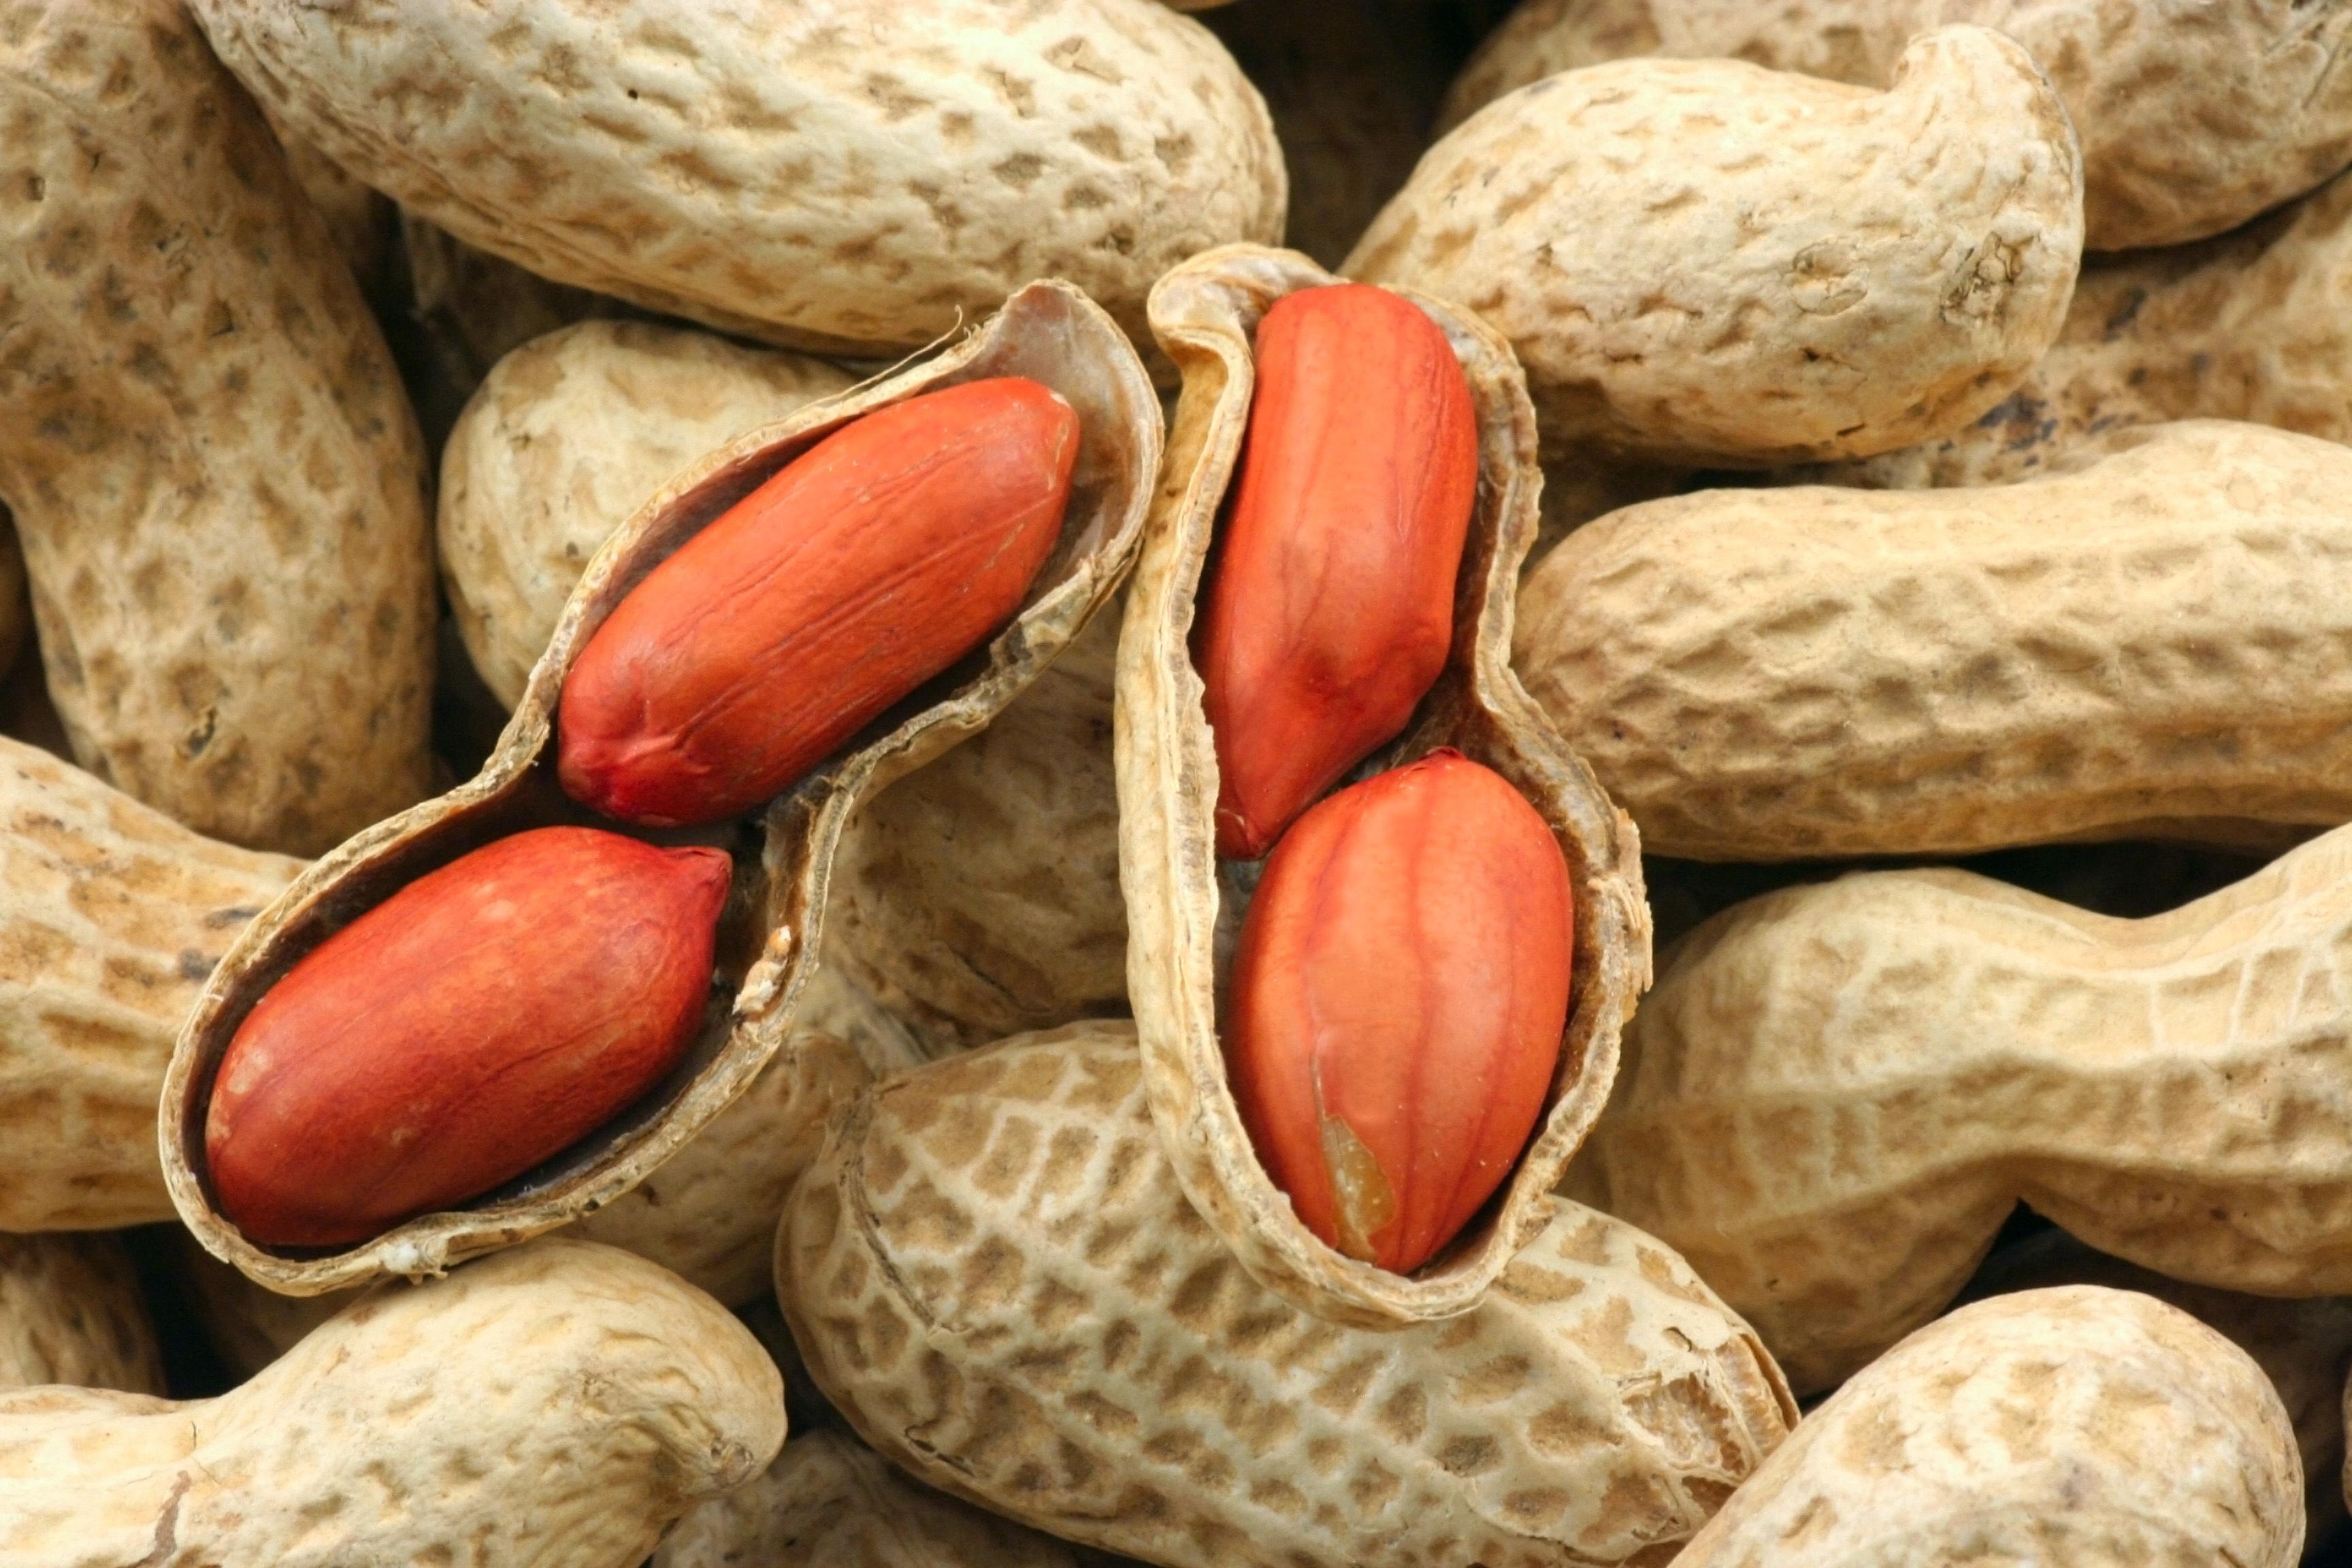 арахис орех hd высокое качество студия